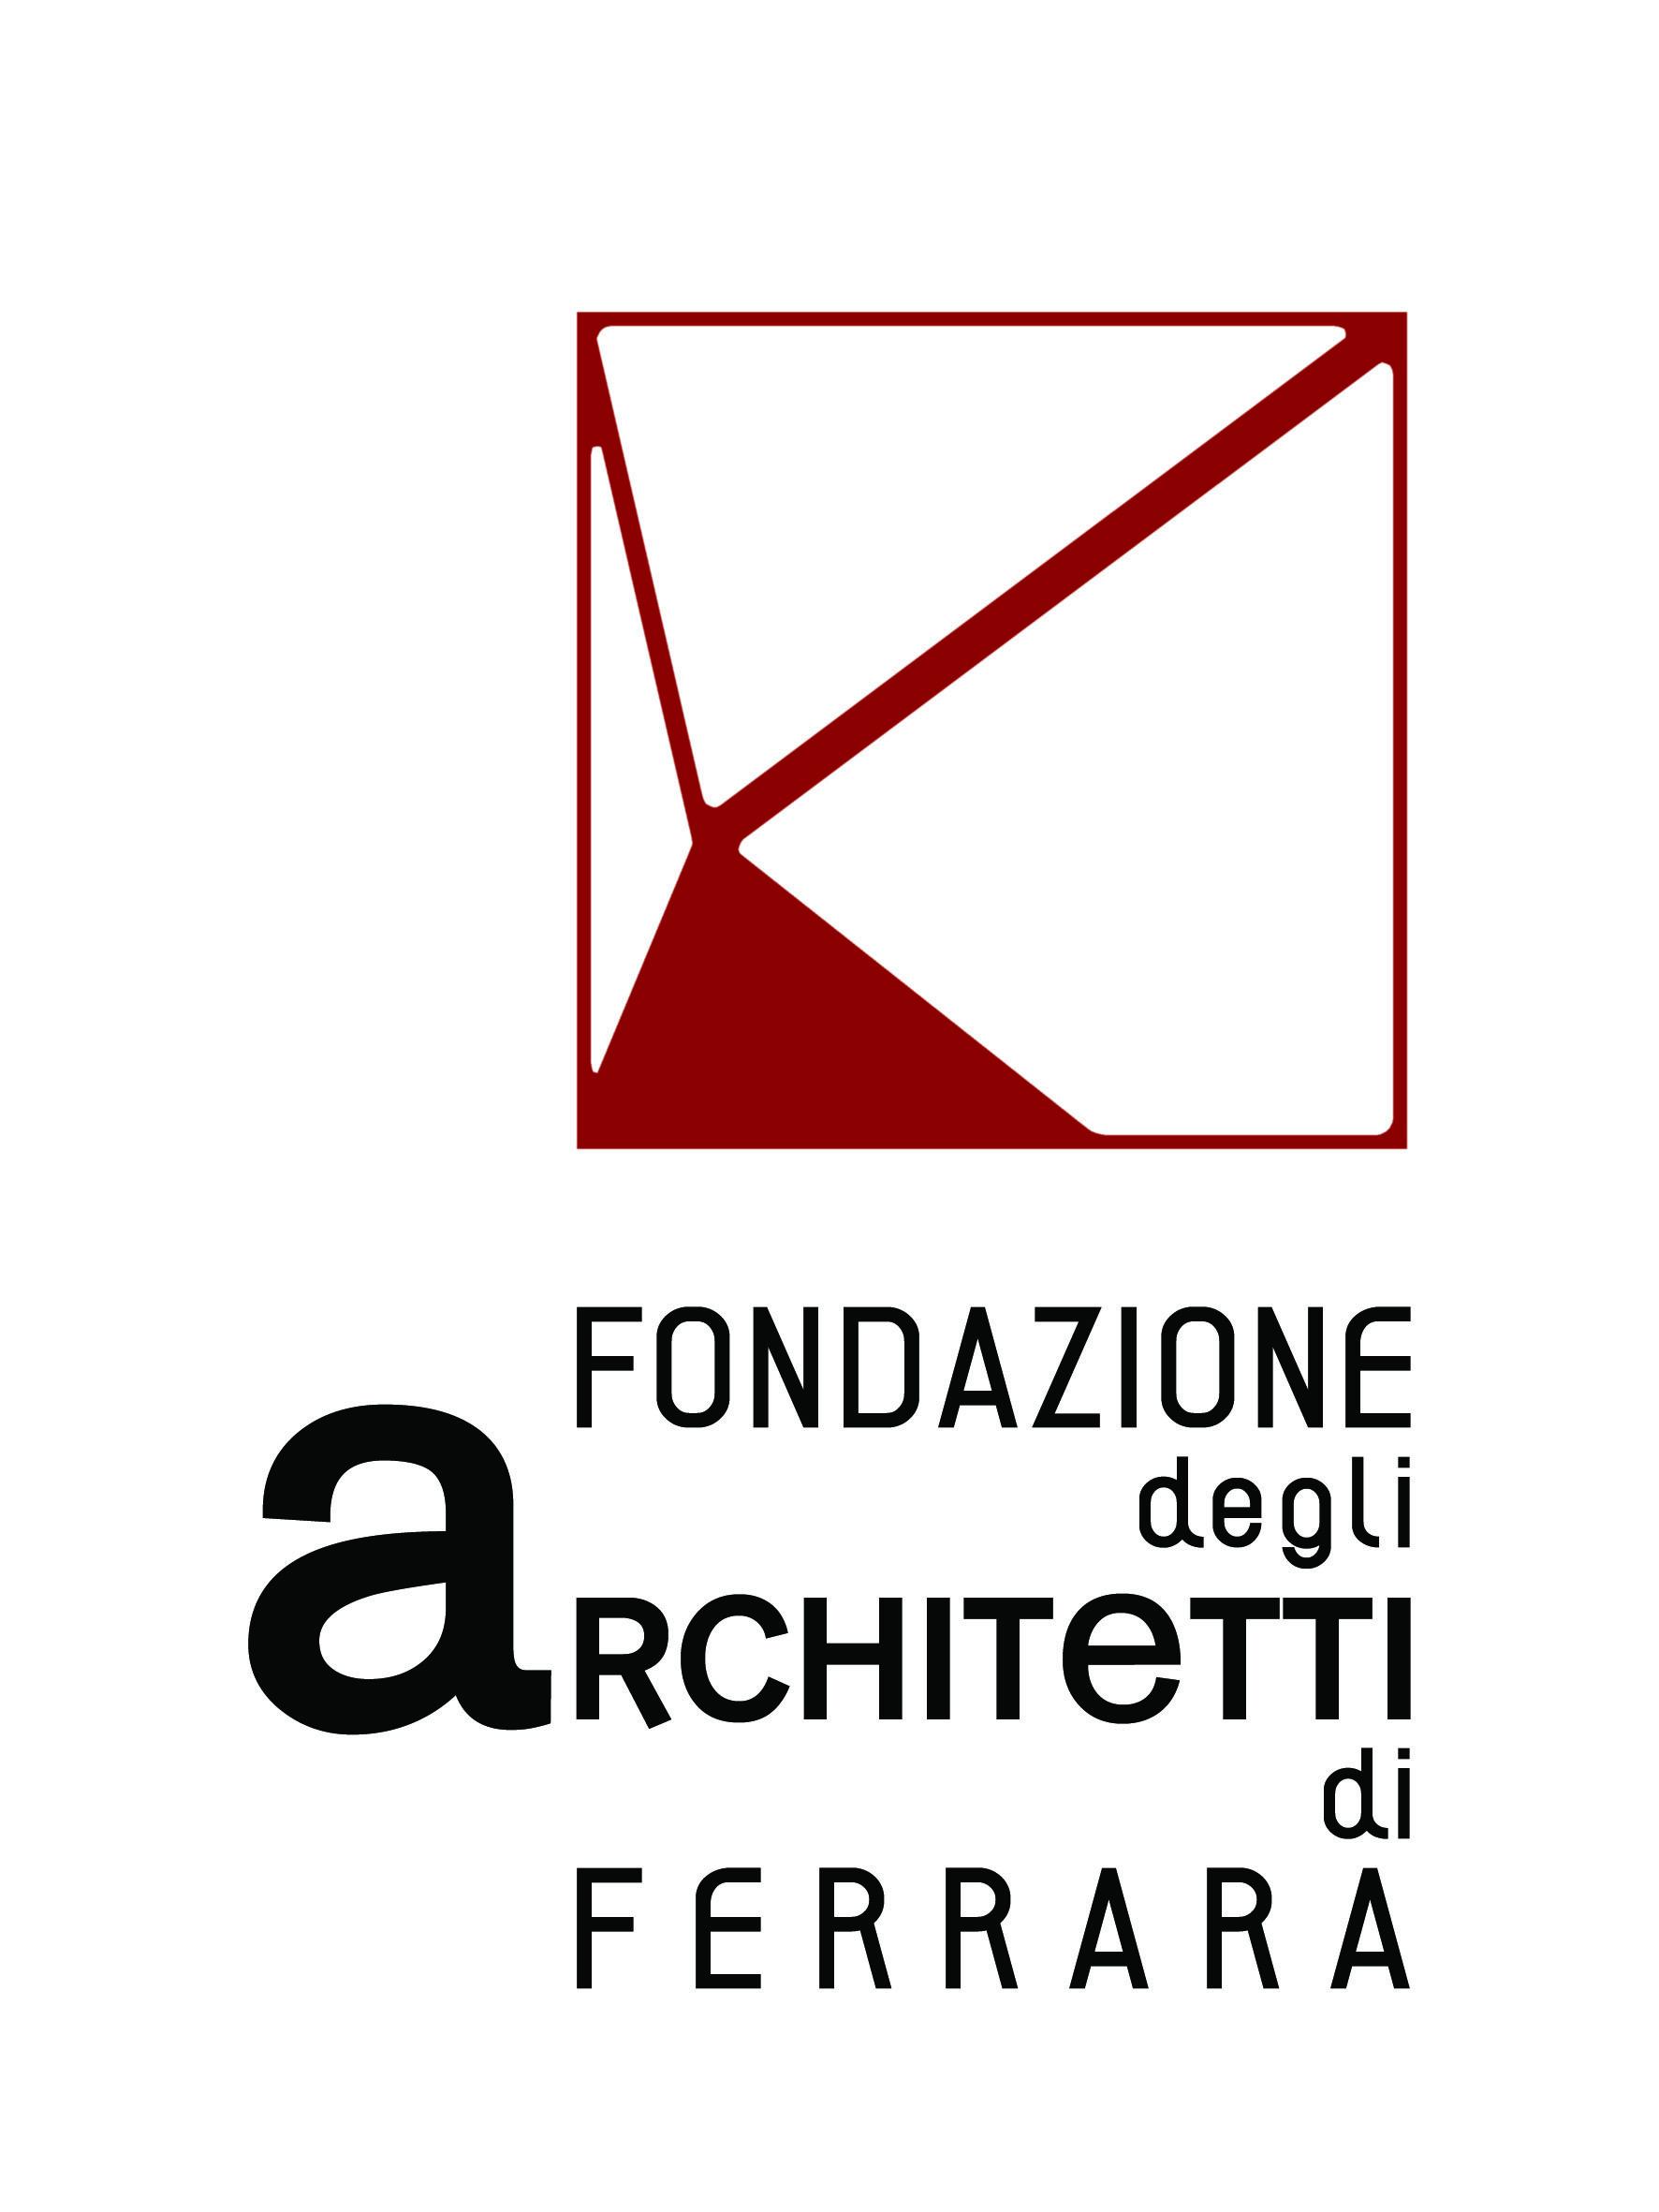 logo fondazione DEFINITIVO